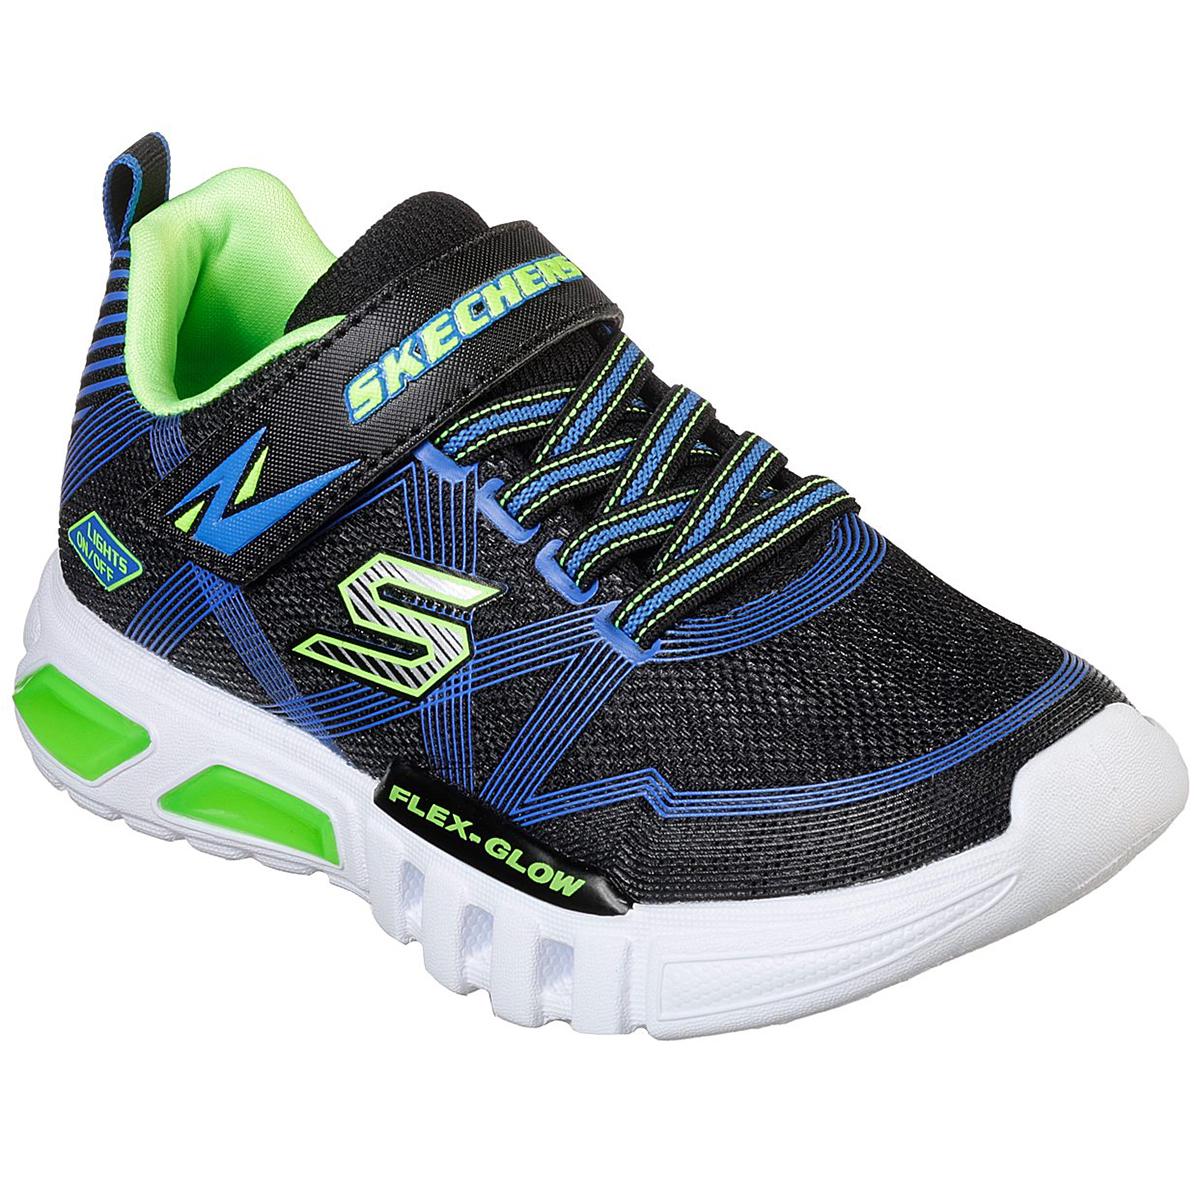 Skechers Boys' Flex Glow Parrox Light Up Shoes - Blue, 10